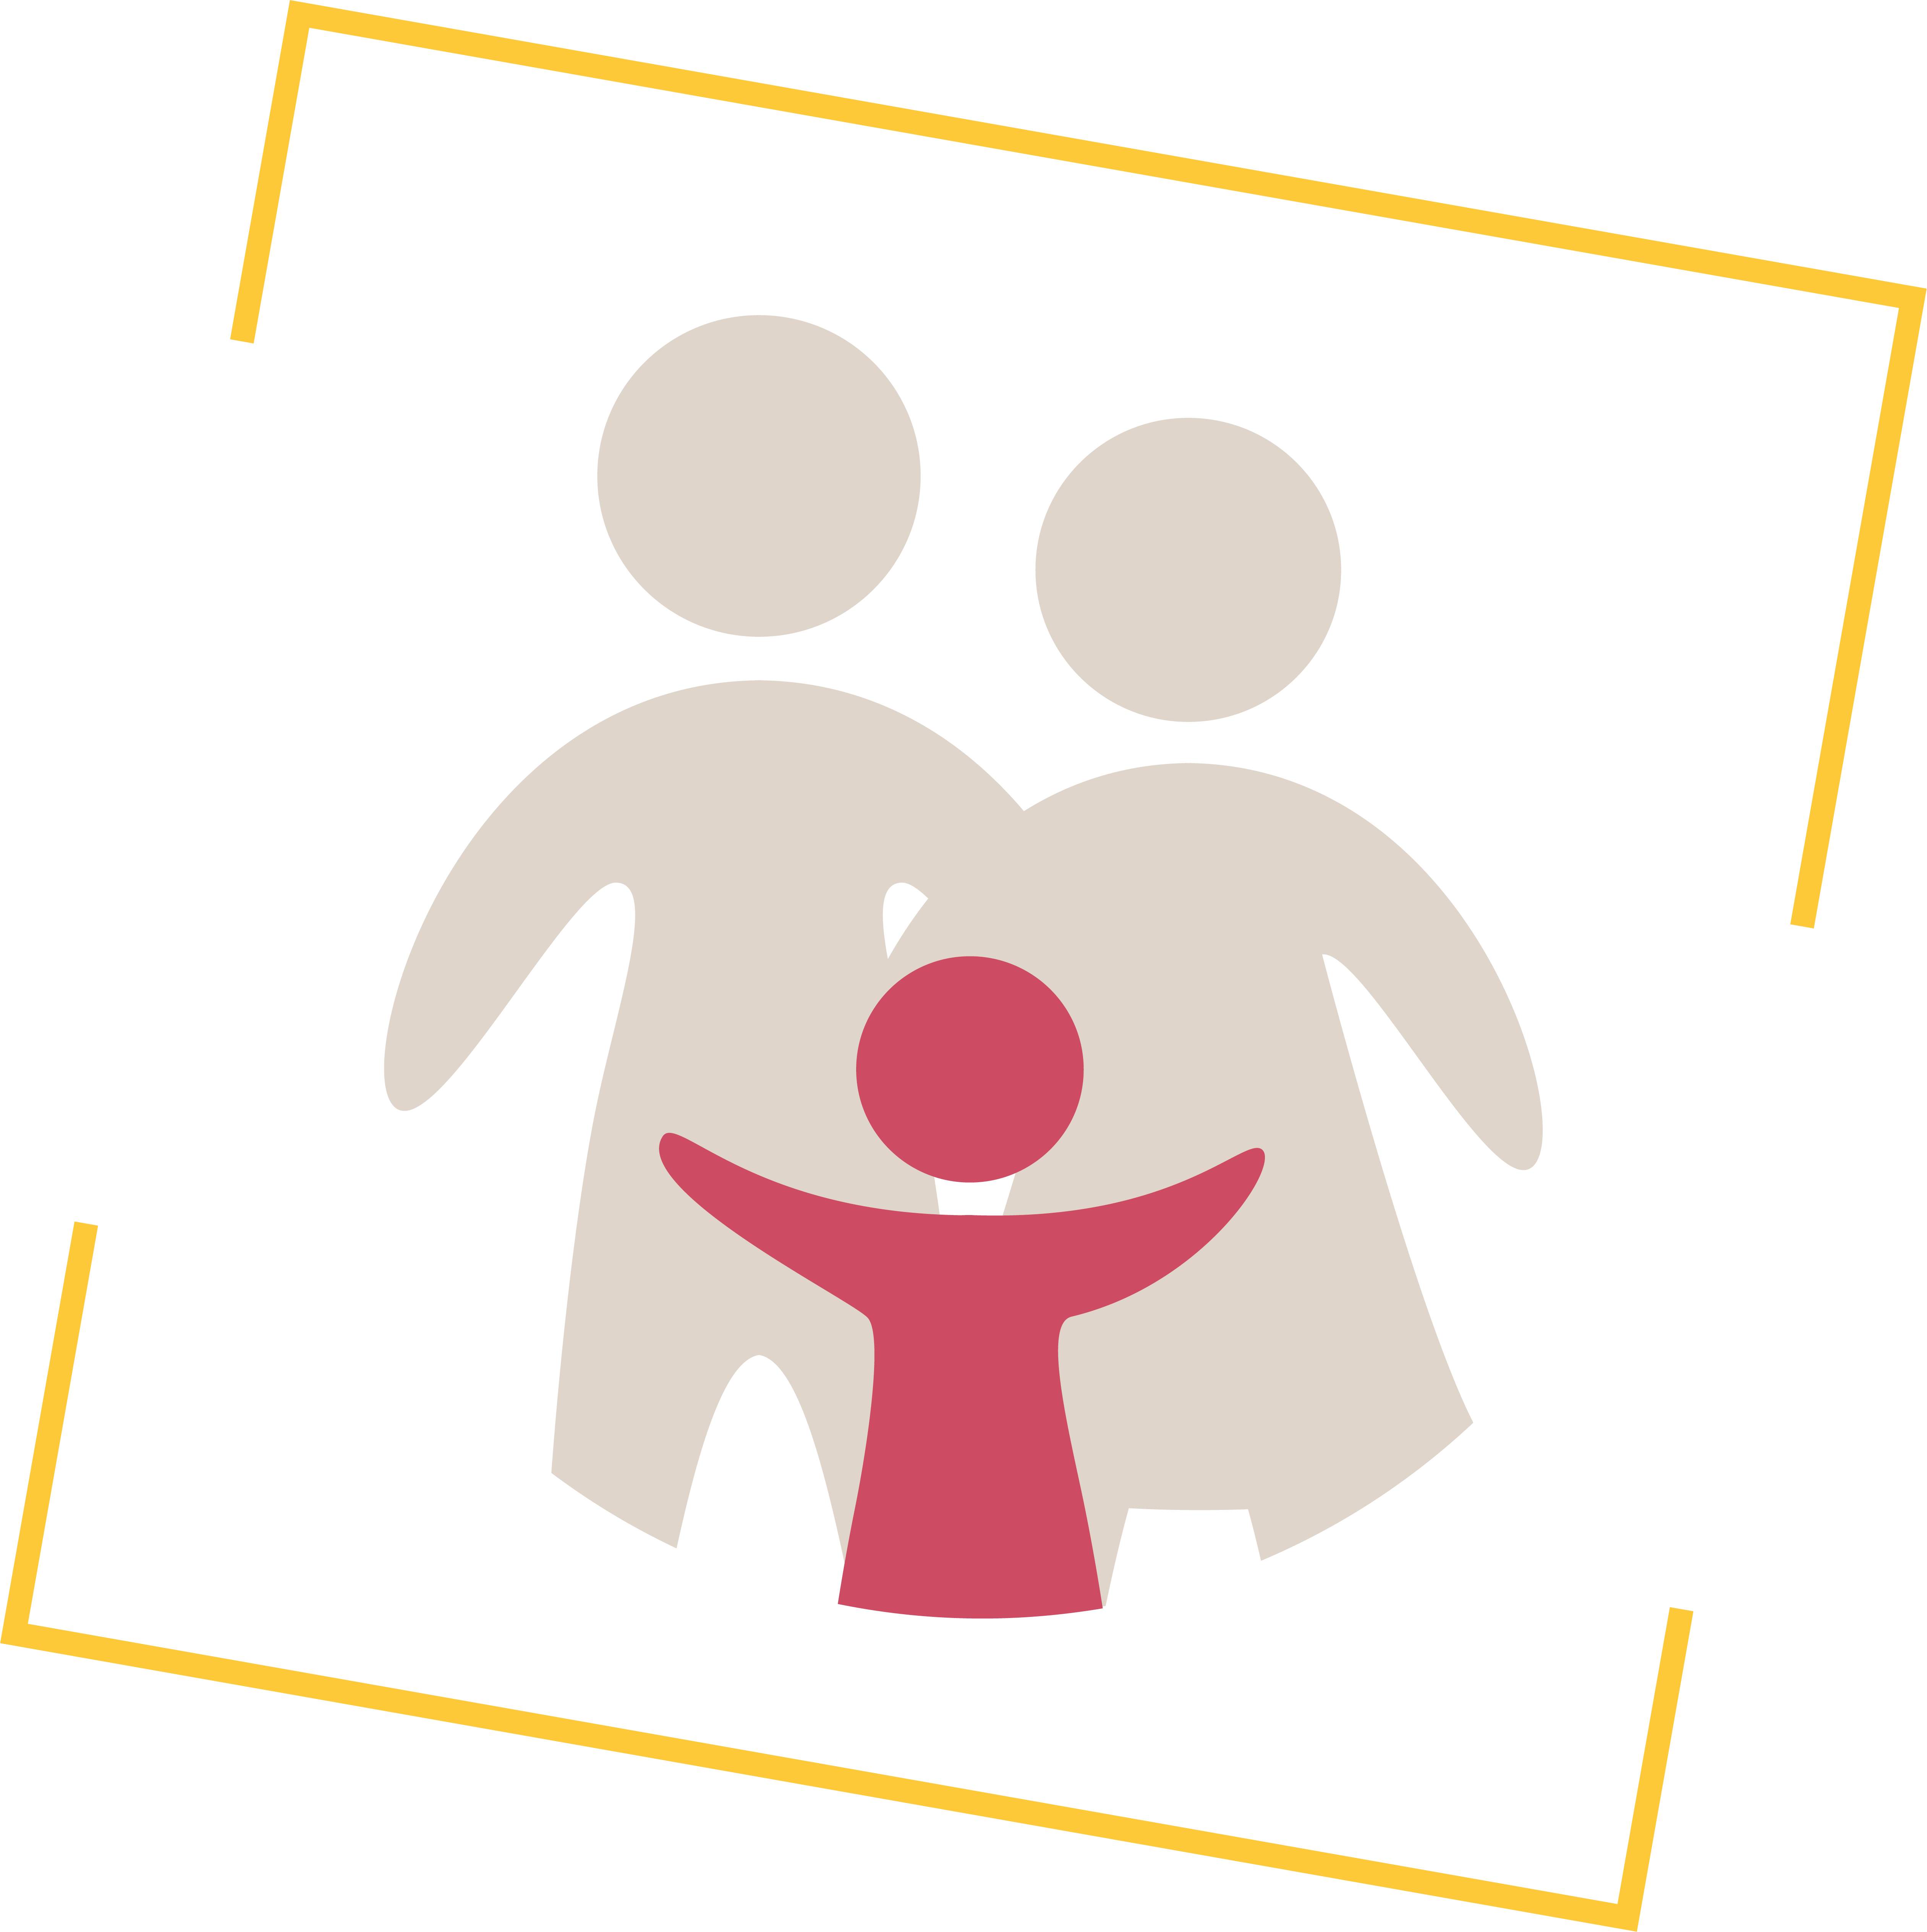 Accompagner <br>les parents et les enfants dans la compréhension de la maladie